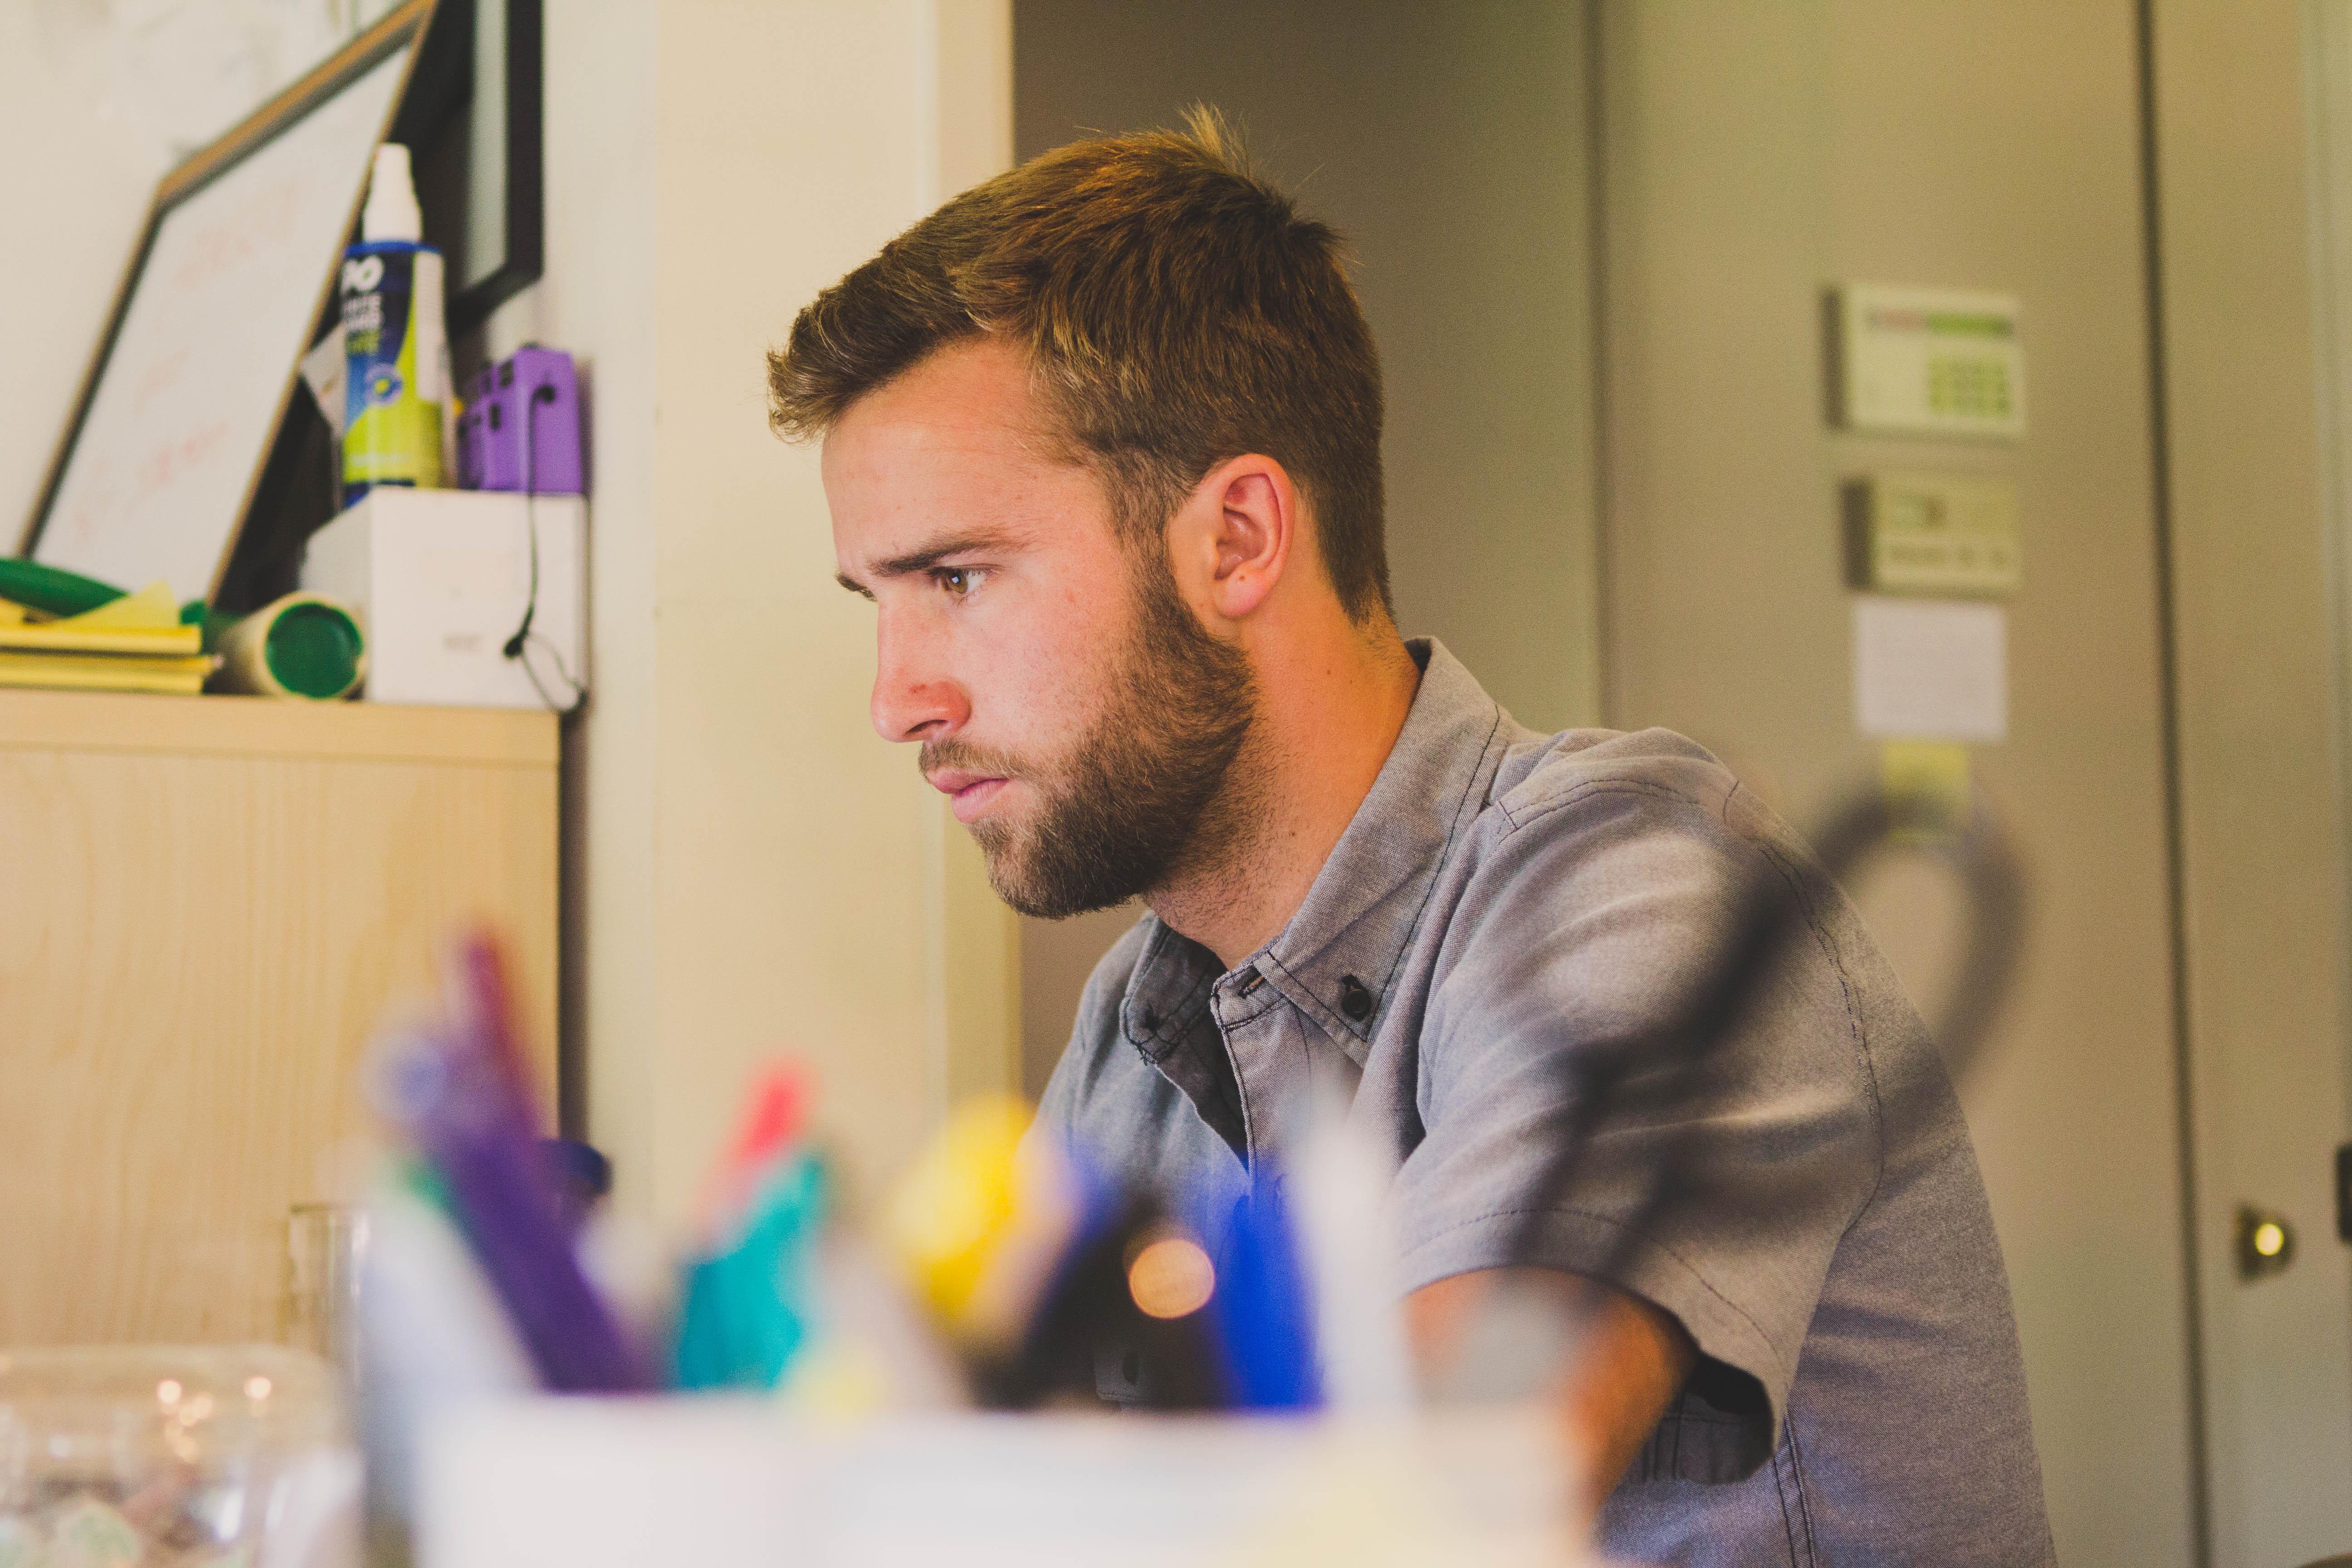 trabajador de oficina, proceso de búsqueda de empleo, desesperación.